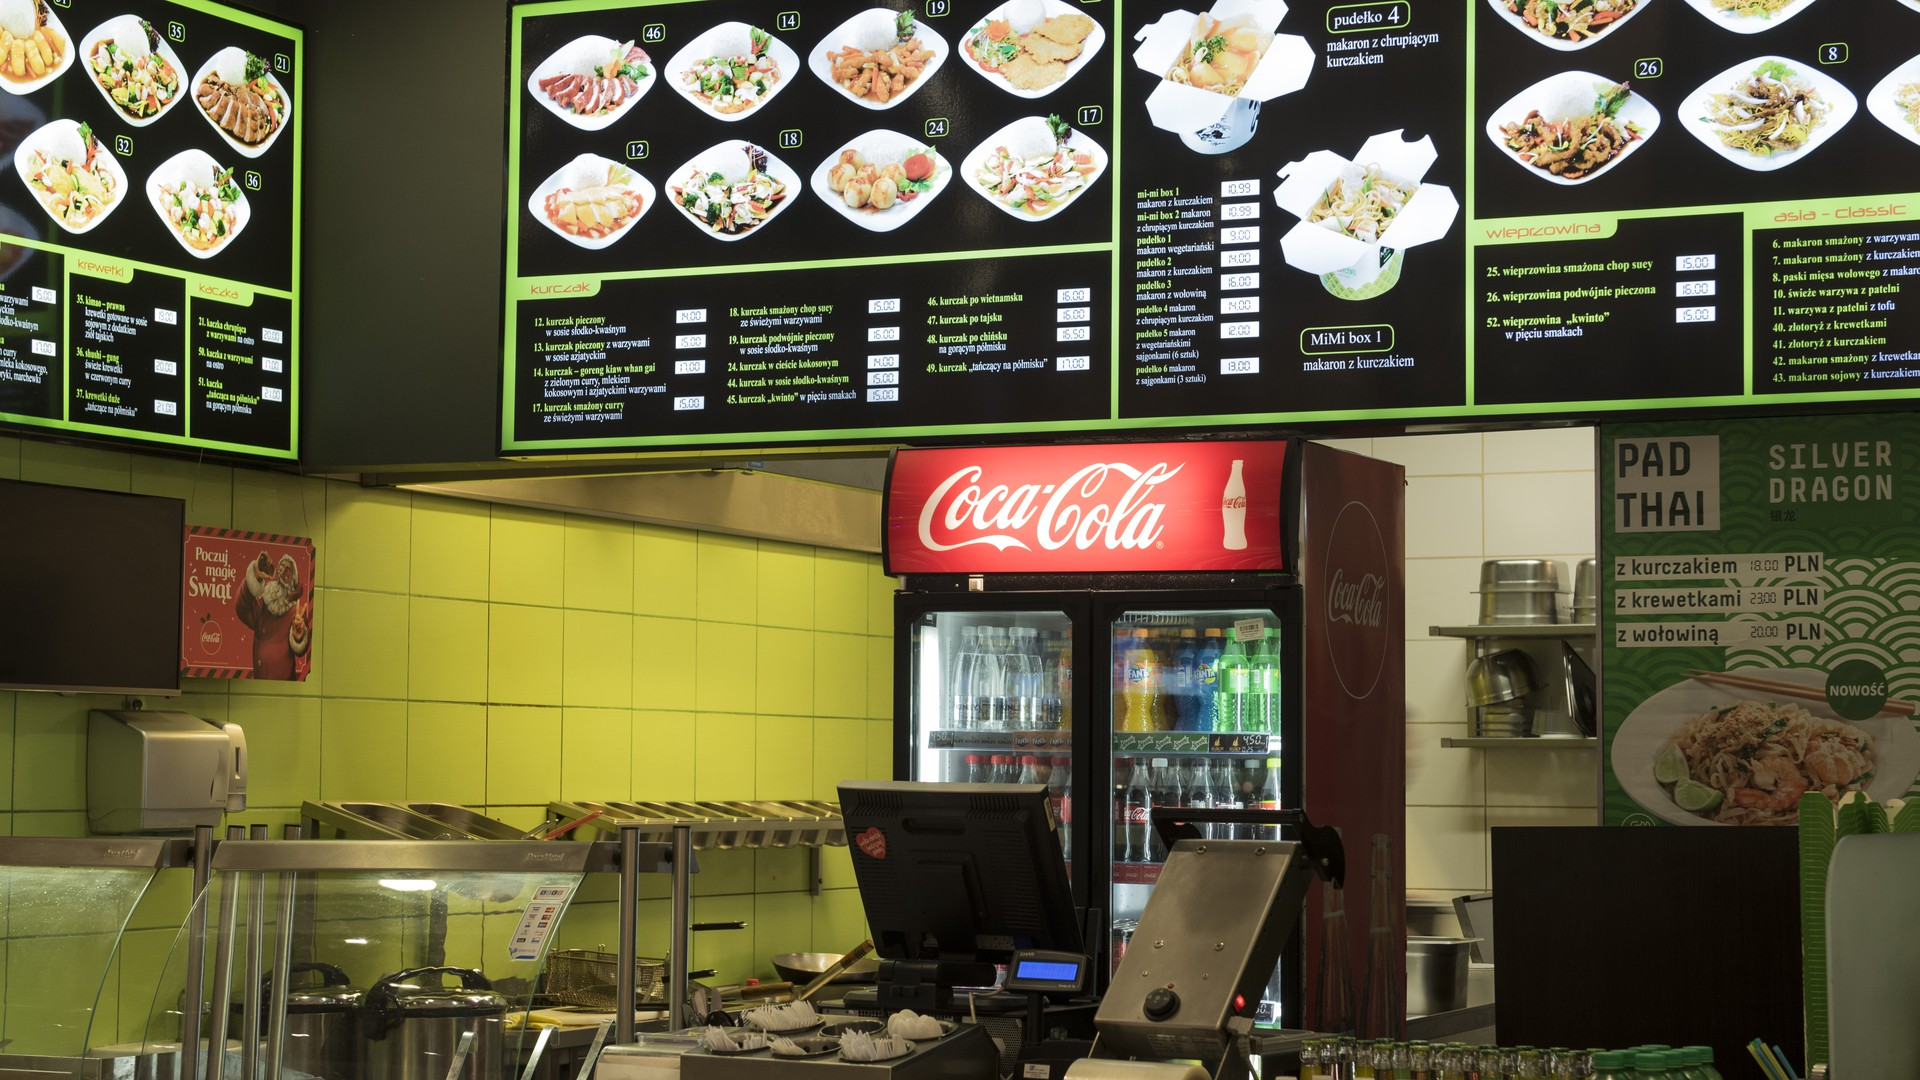 Silver Dragon Polaczenie Kuchni Wietnamskiej Chinskiej I Tajskiej